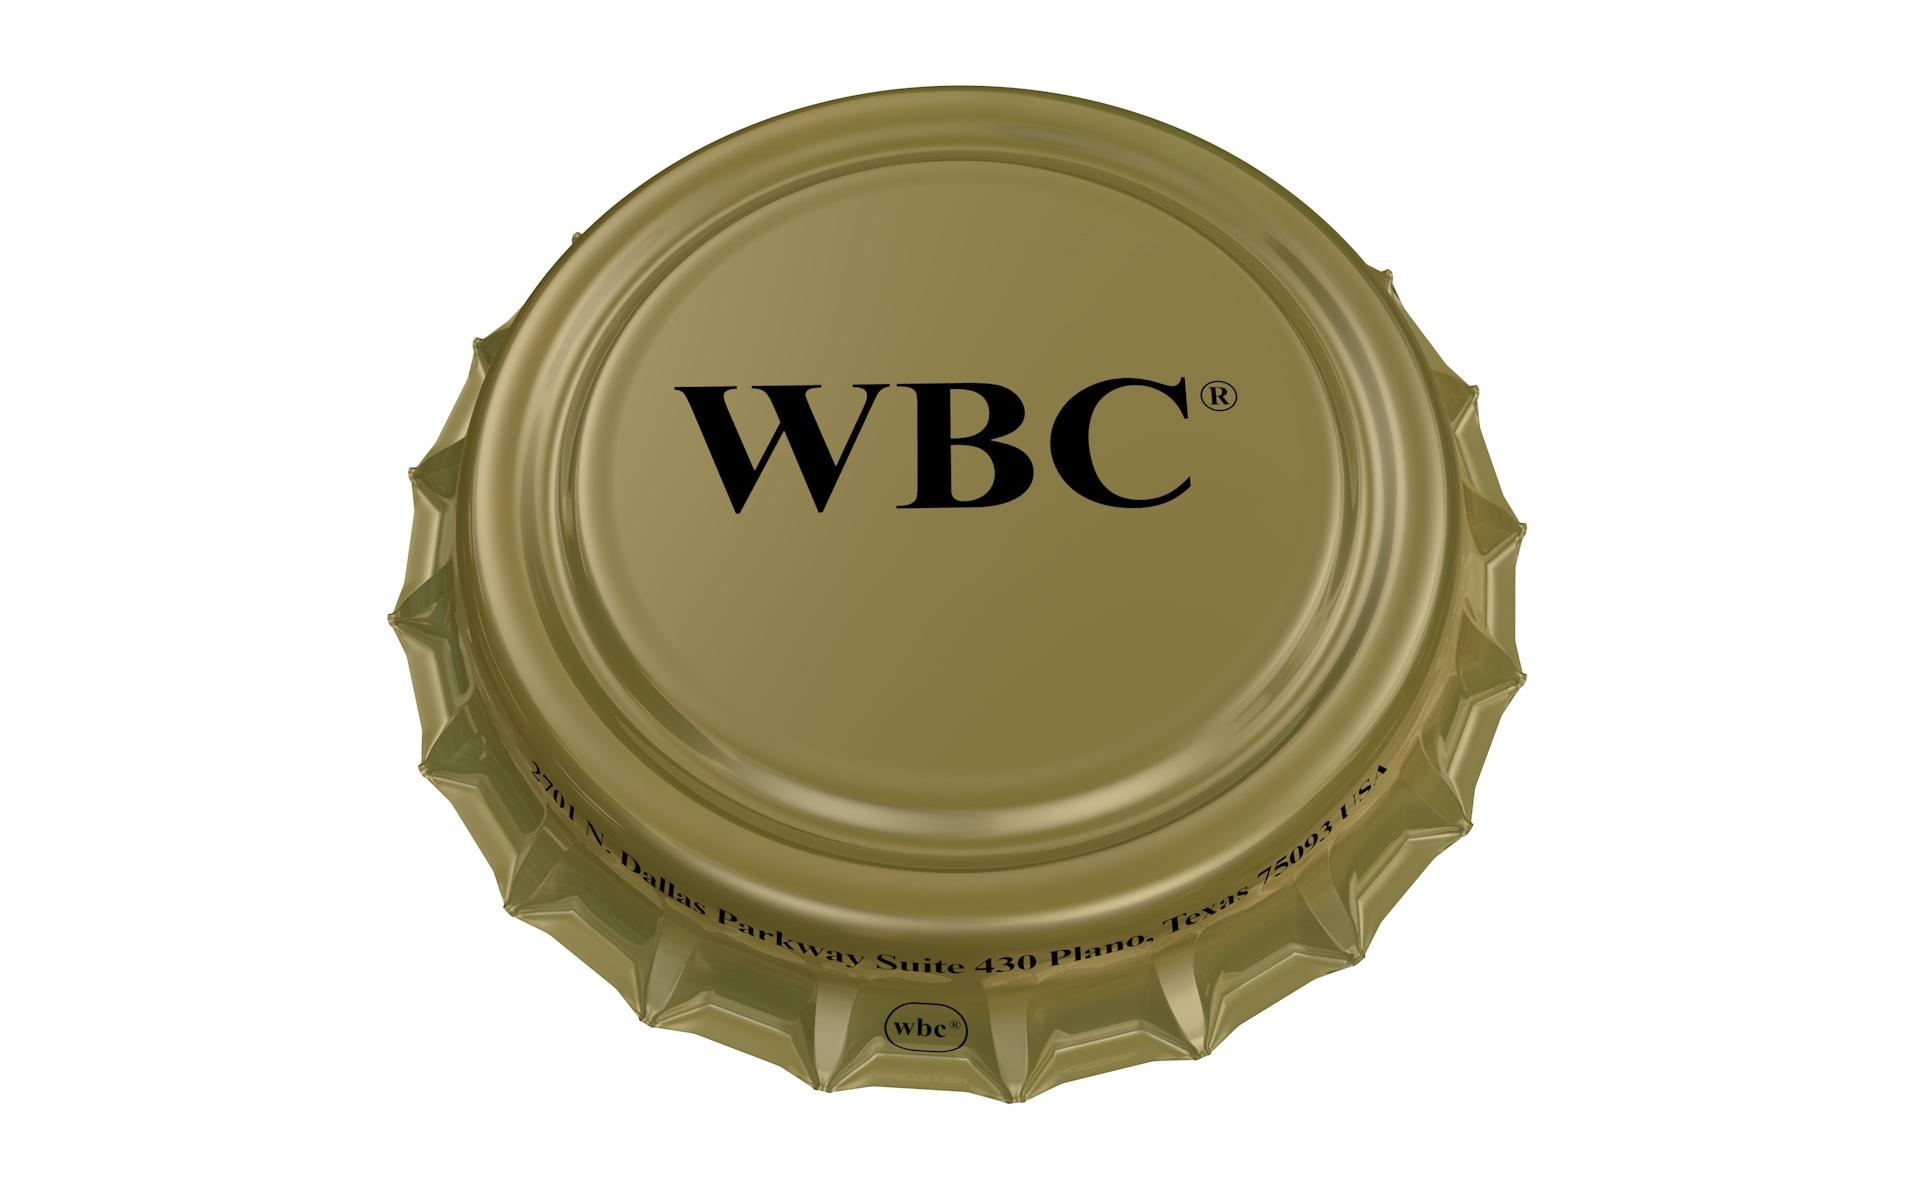 rgc-wbc-001_0000